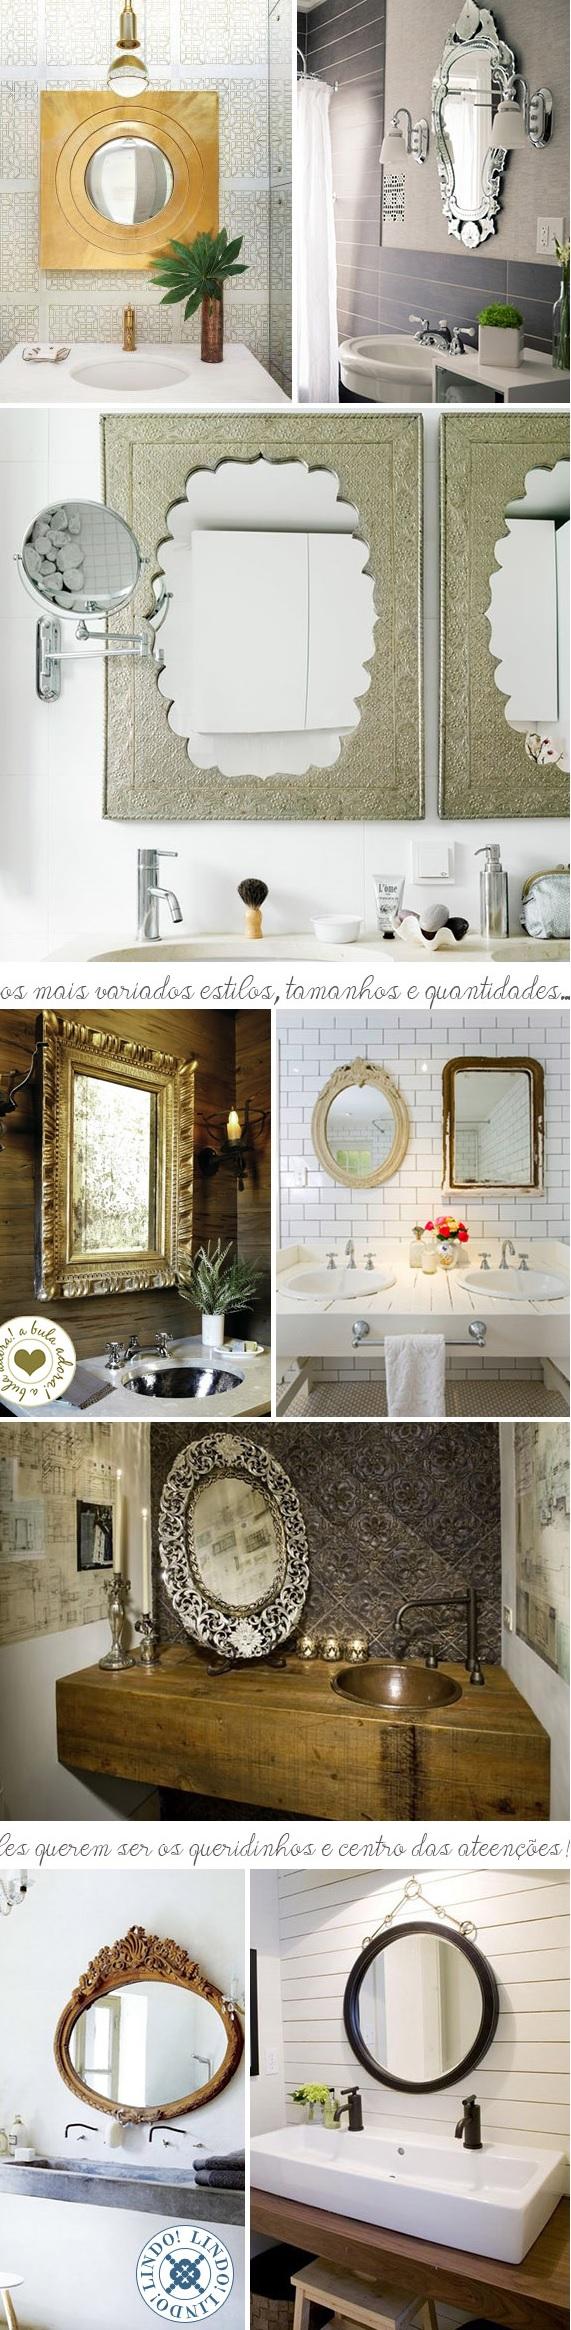 Espelho no banheiro 3